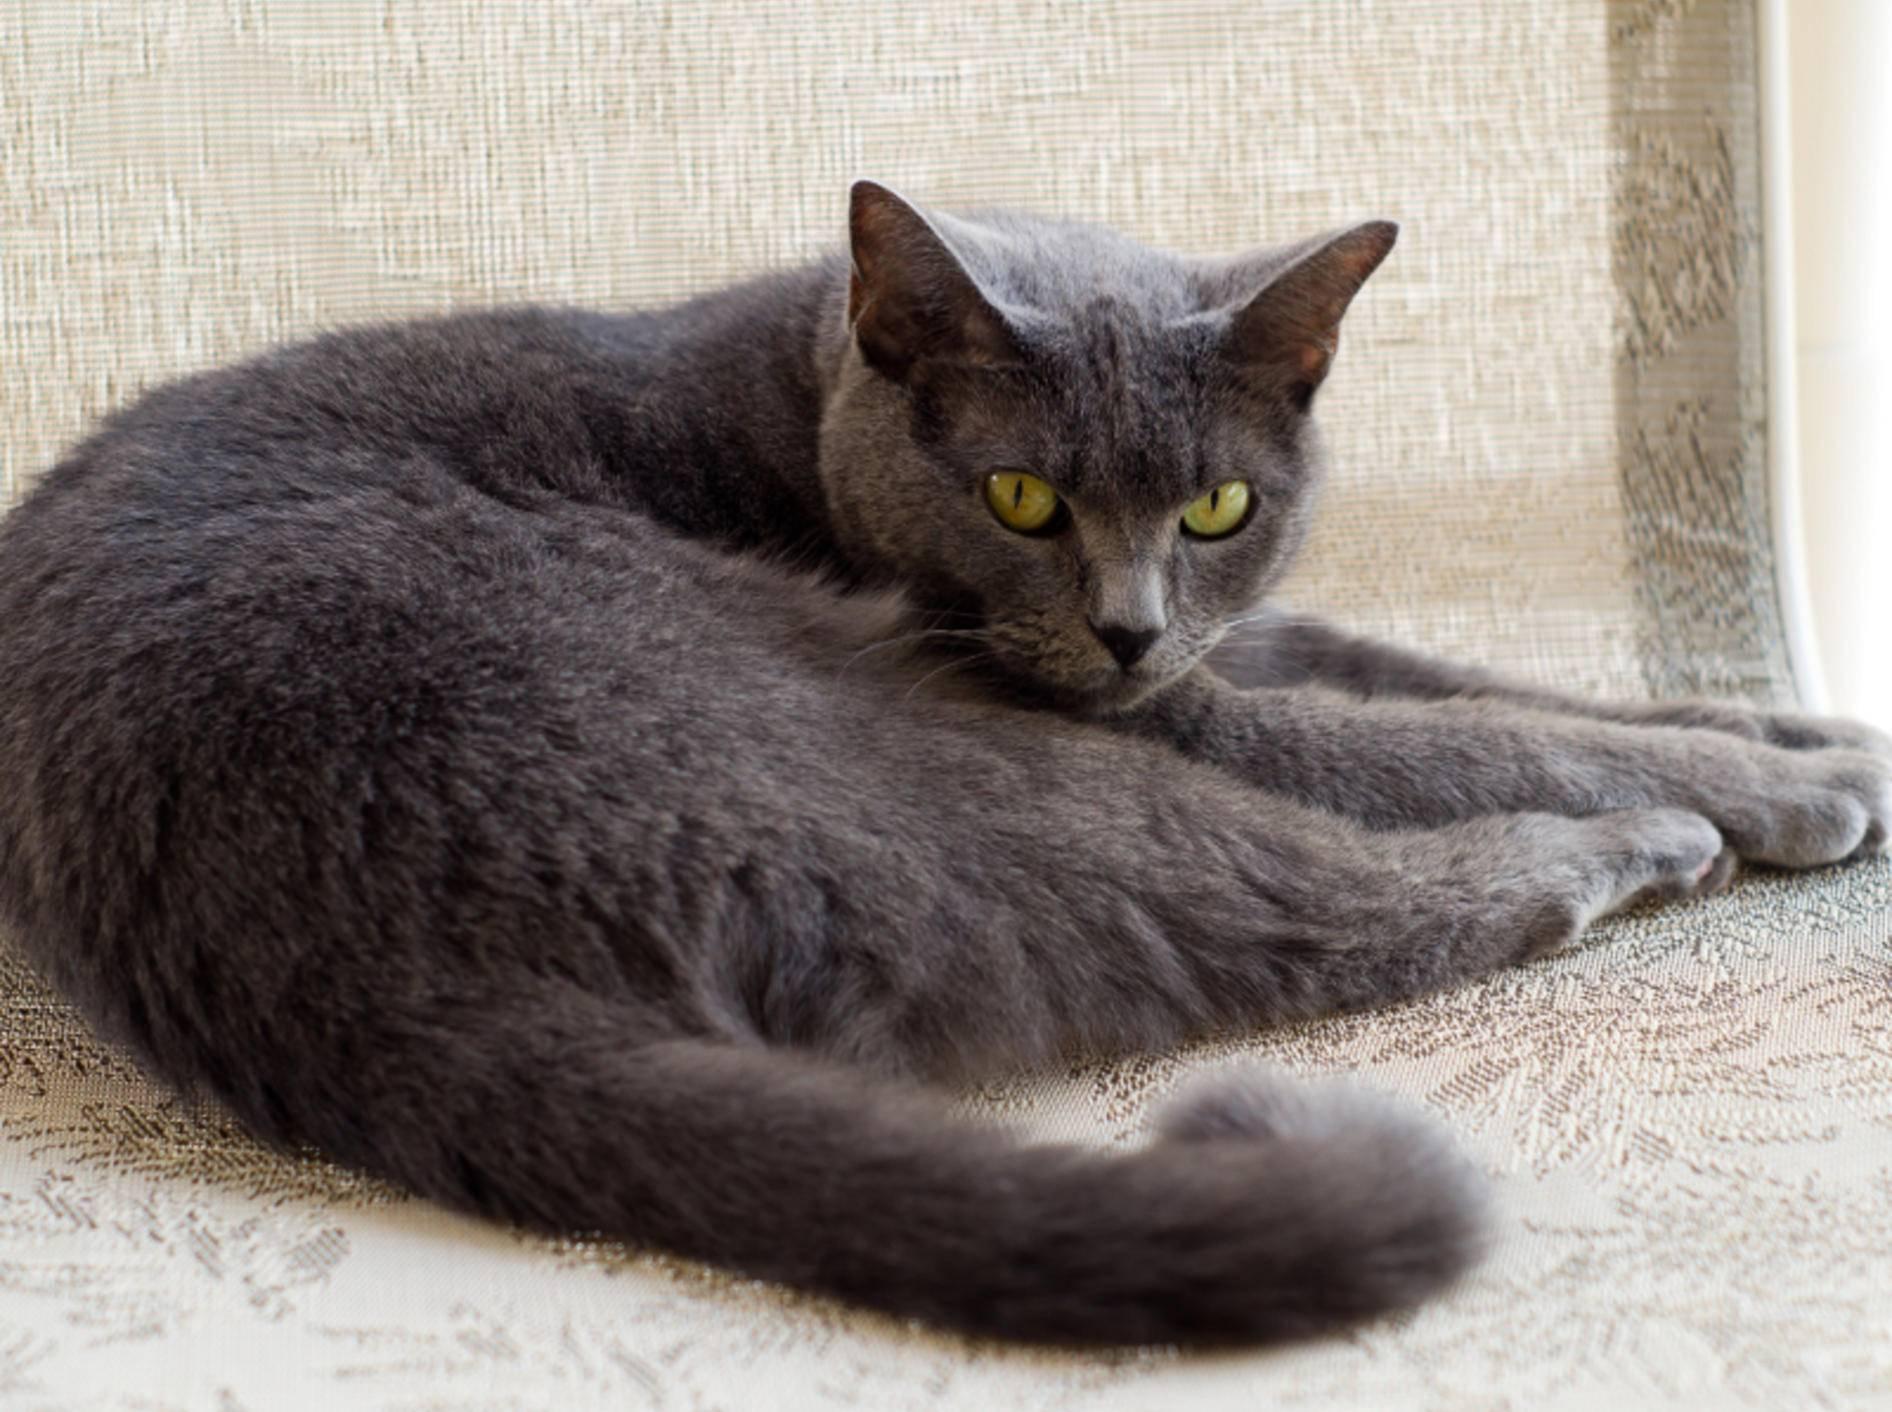 Kartäuser Katzen sind äußerst angenehme Samtpfoten, die mit ihrer natürlichen Schönheit viel Ruhe ausstrahlen – Shutterstock / Tyler Fox